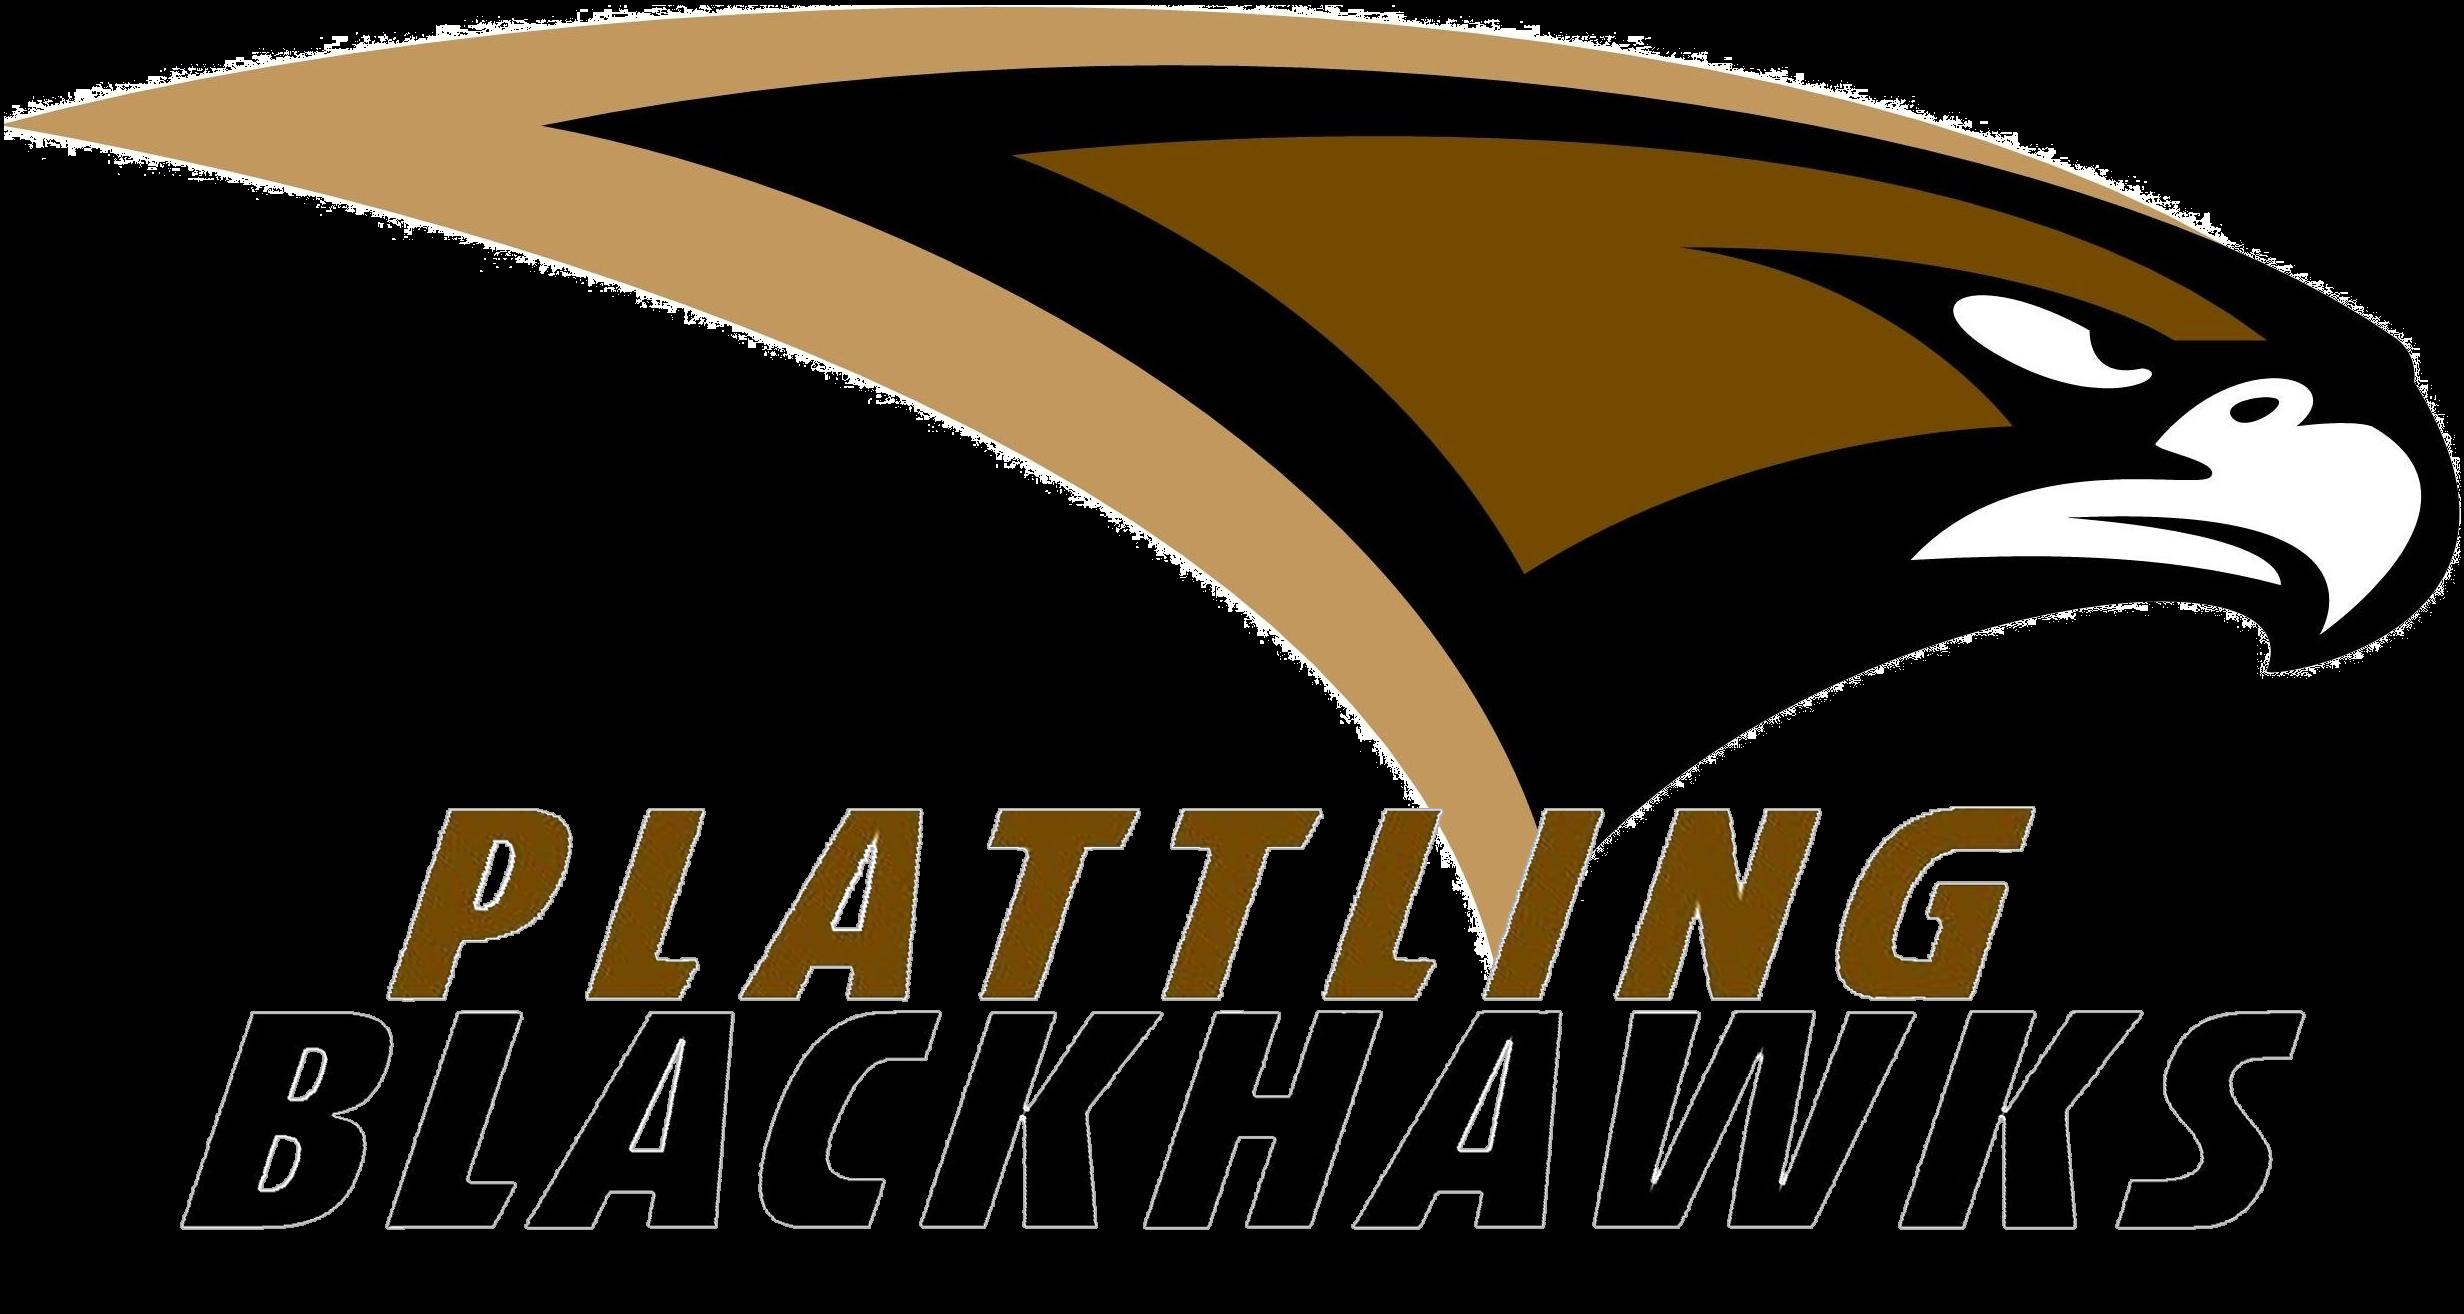 31.10.2020 – Black Hawks stellen erneut den Trainingsbetrieb ein